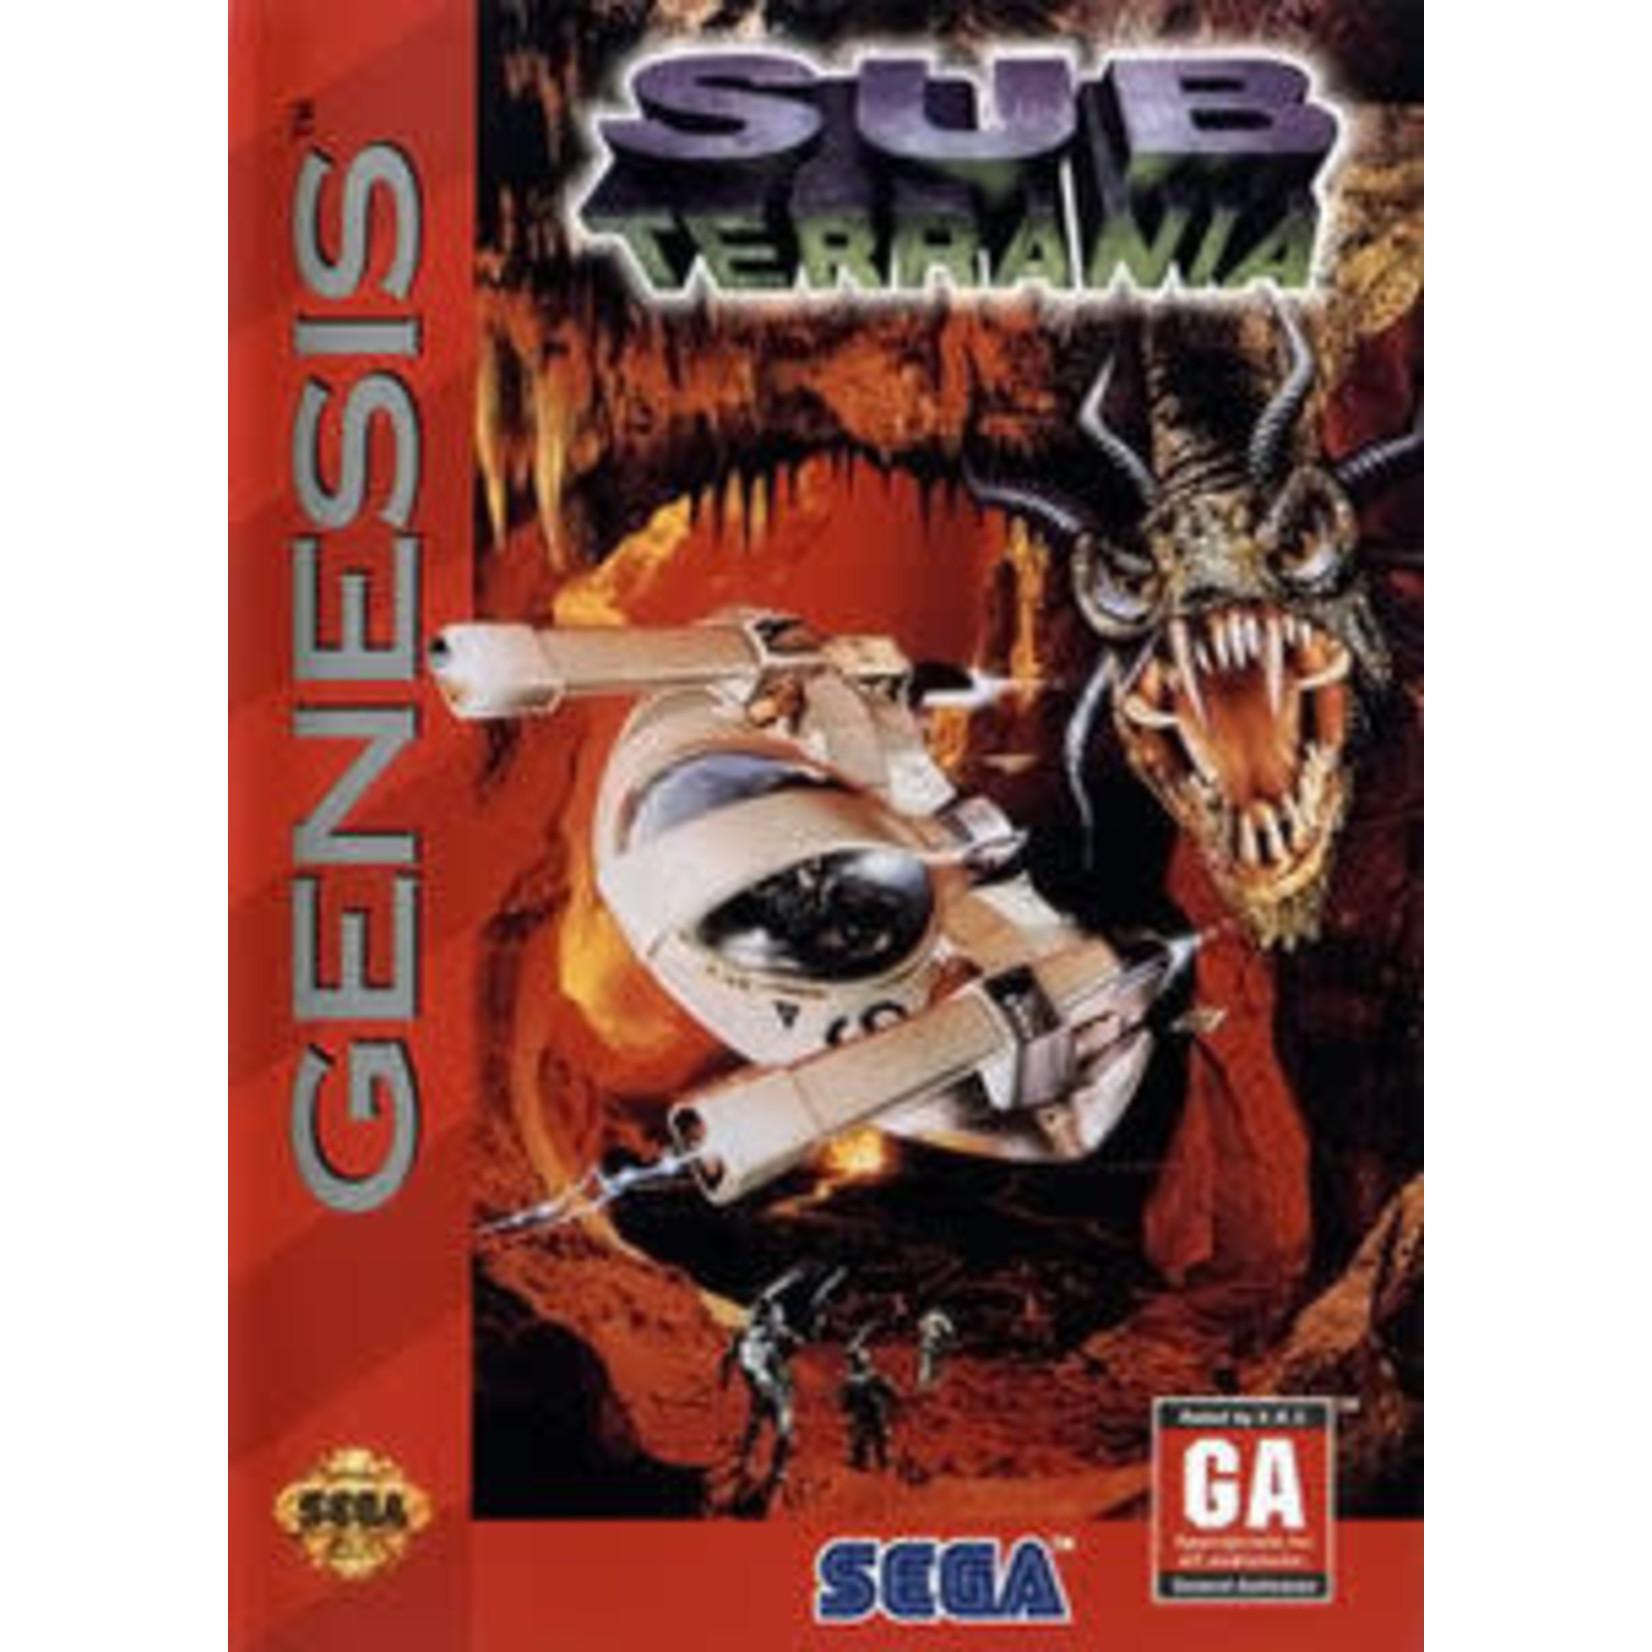 SGU-Sub Terrania (boxed)